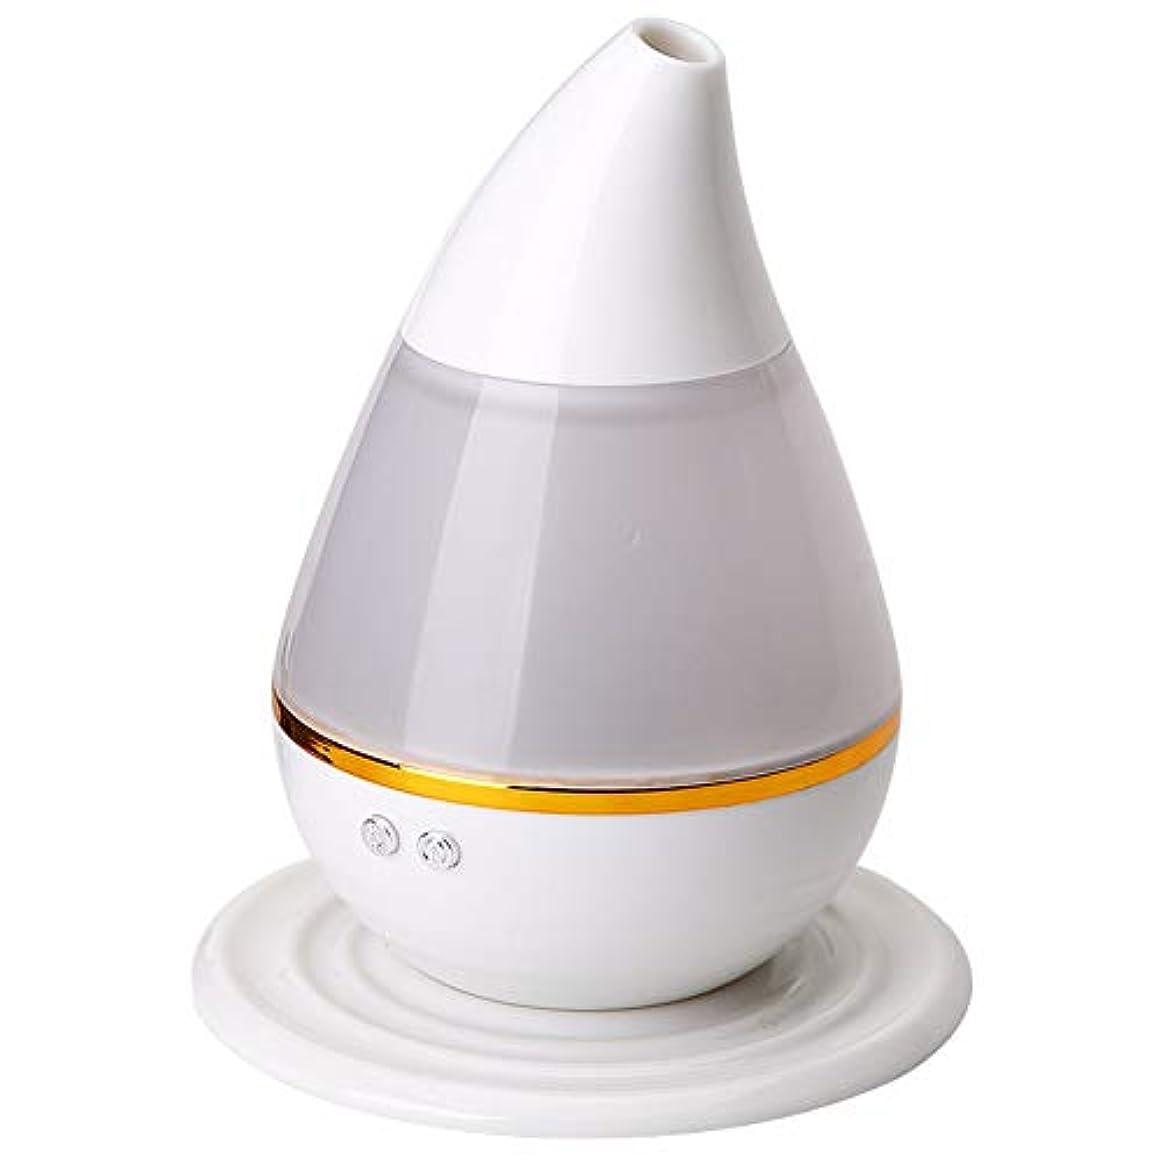 まもなく実験多年生エッセンシャル オイル ディフューザー, 涼しい霧の加湿器 7色LEDムードランプ そして 自動シャットオフ アロマディフューザー の ホーム オフィス Yoga 車-ホワイト 12x15cm